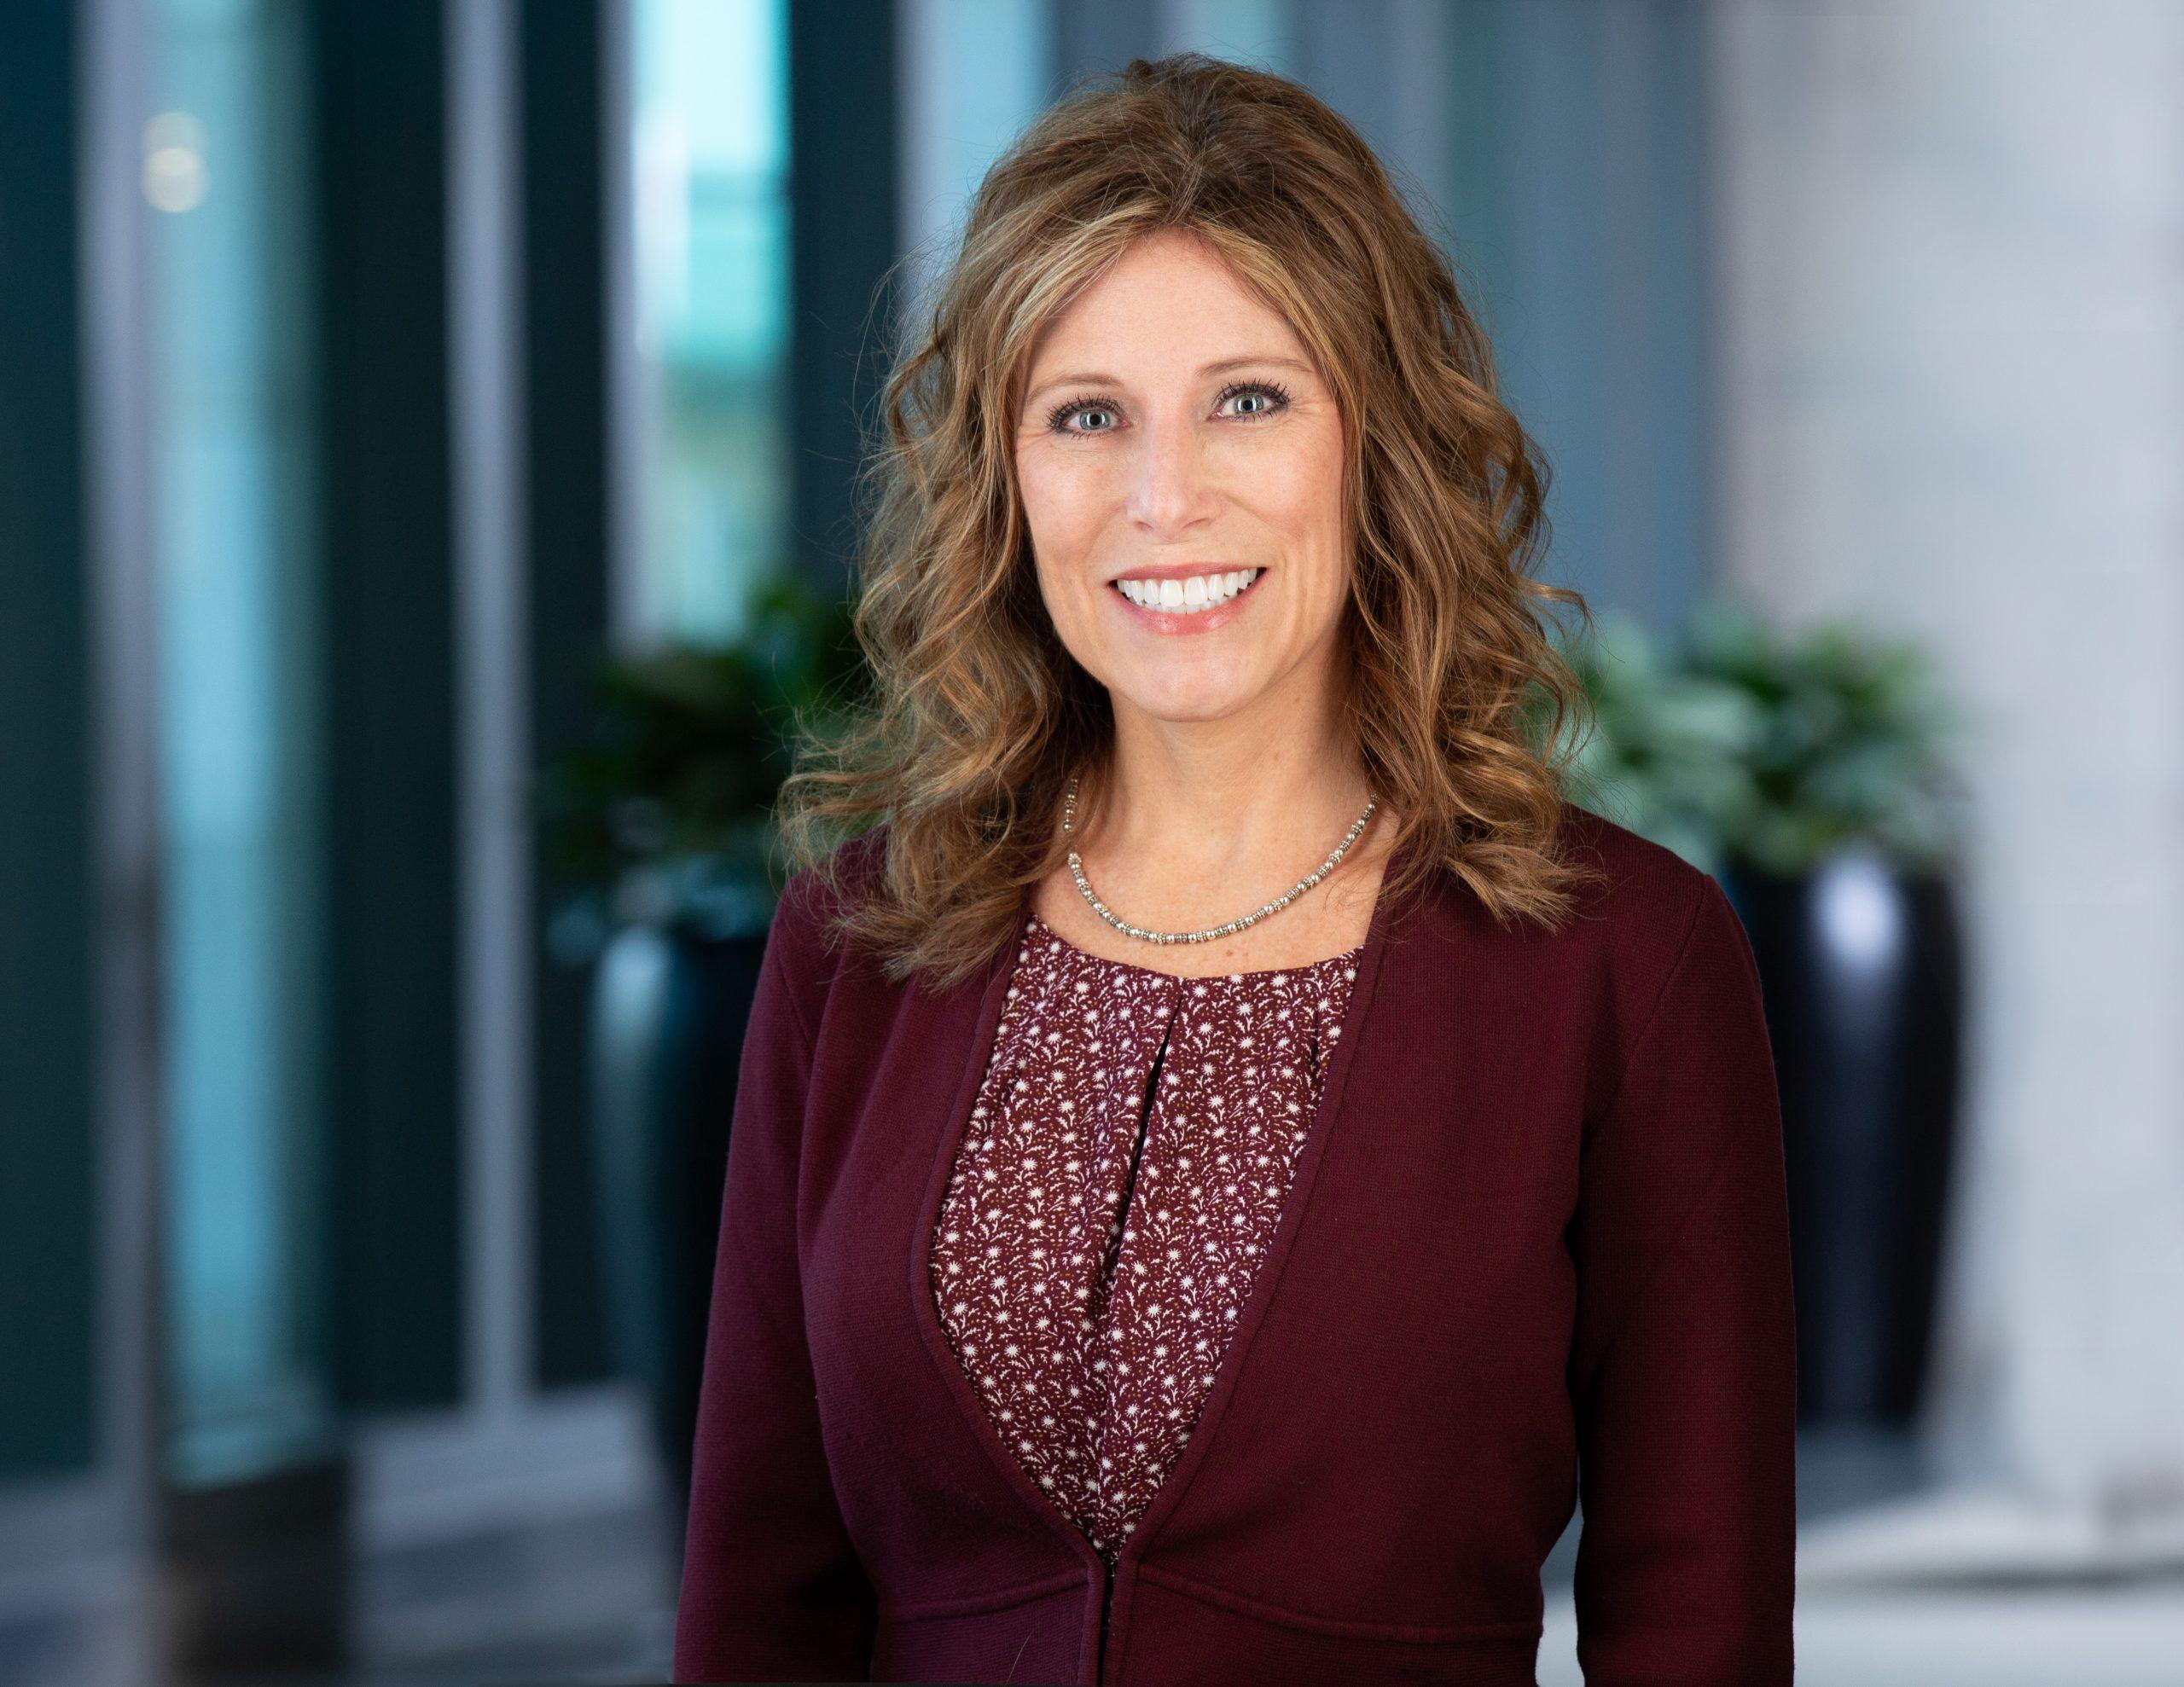 Carrie Rechsteiner